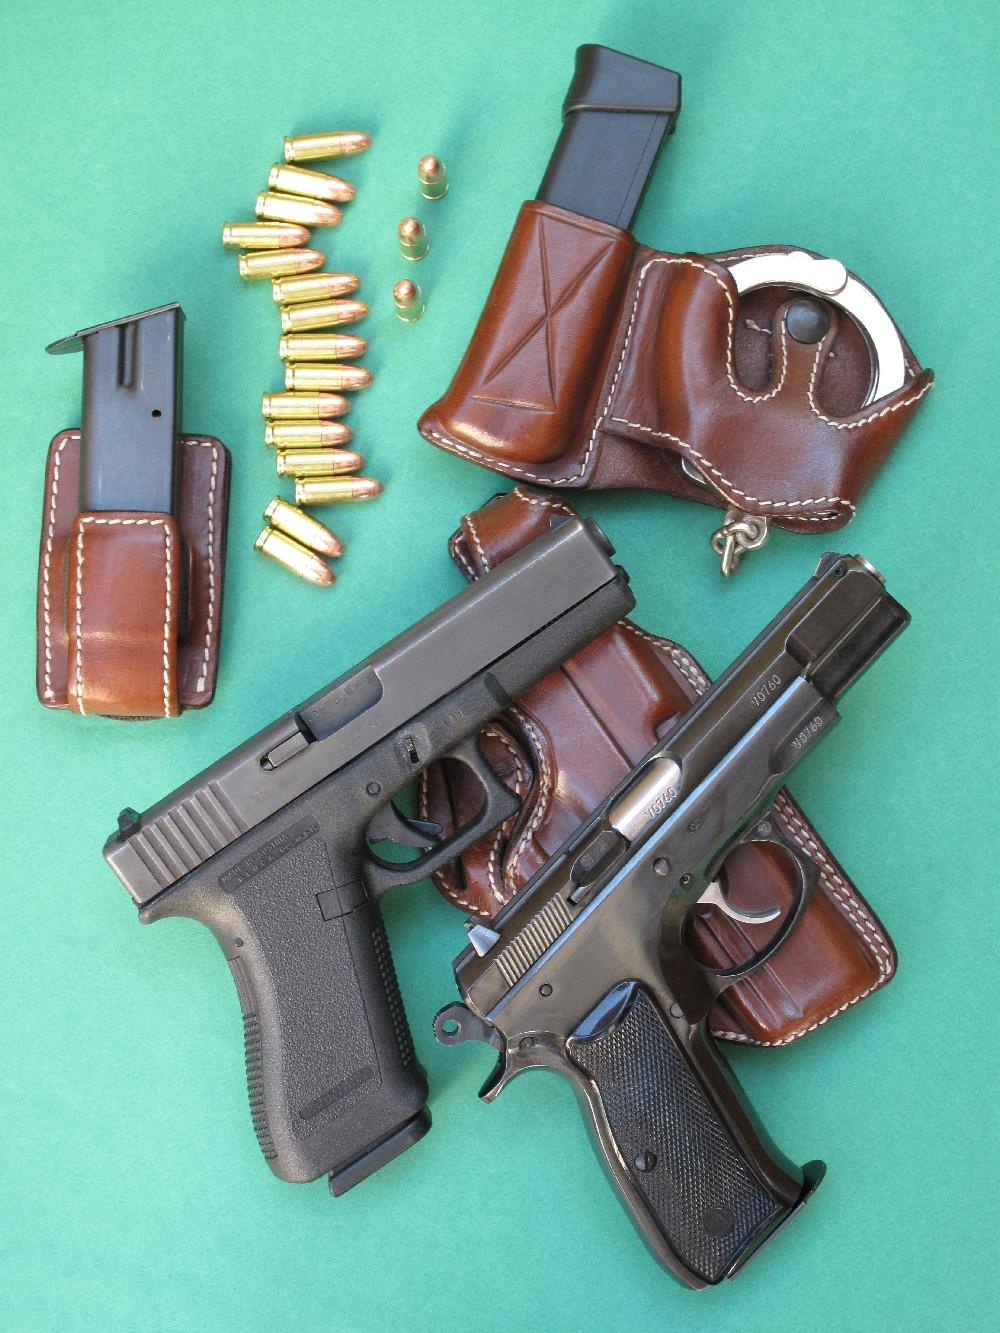 Nous avons délibérément choisis pour ce banc d'essai deux armes qui avaient déjà connu une longue période d'utilisation : un CZ-75 de 1994, reconnaissable à son superbe bronzage bleu-noir brillant et un Glock de 1996 (Génération 2), reconnaissable à sa carcasse démunie de rail Picatinny.